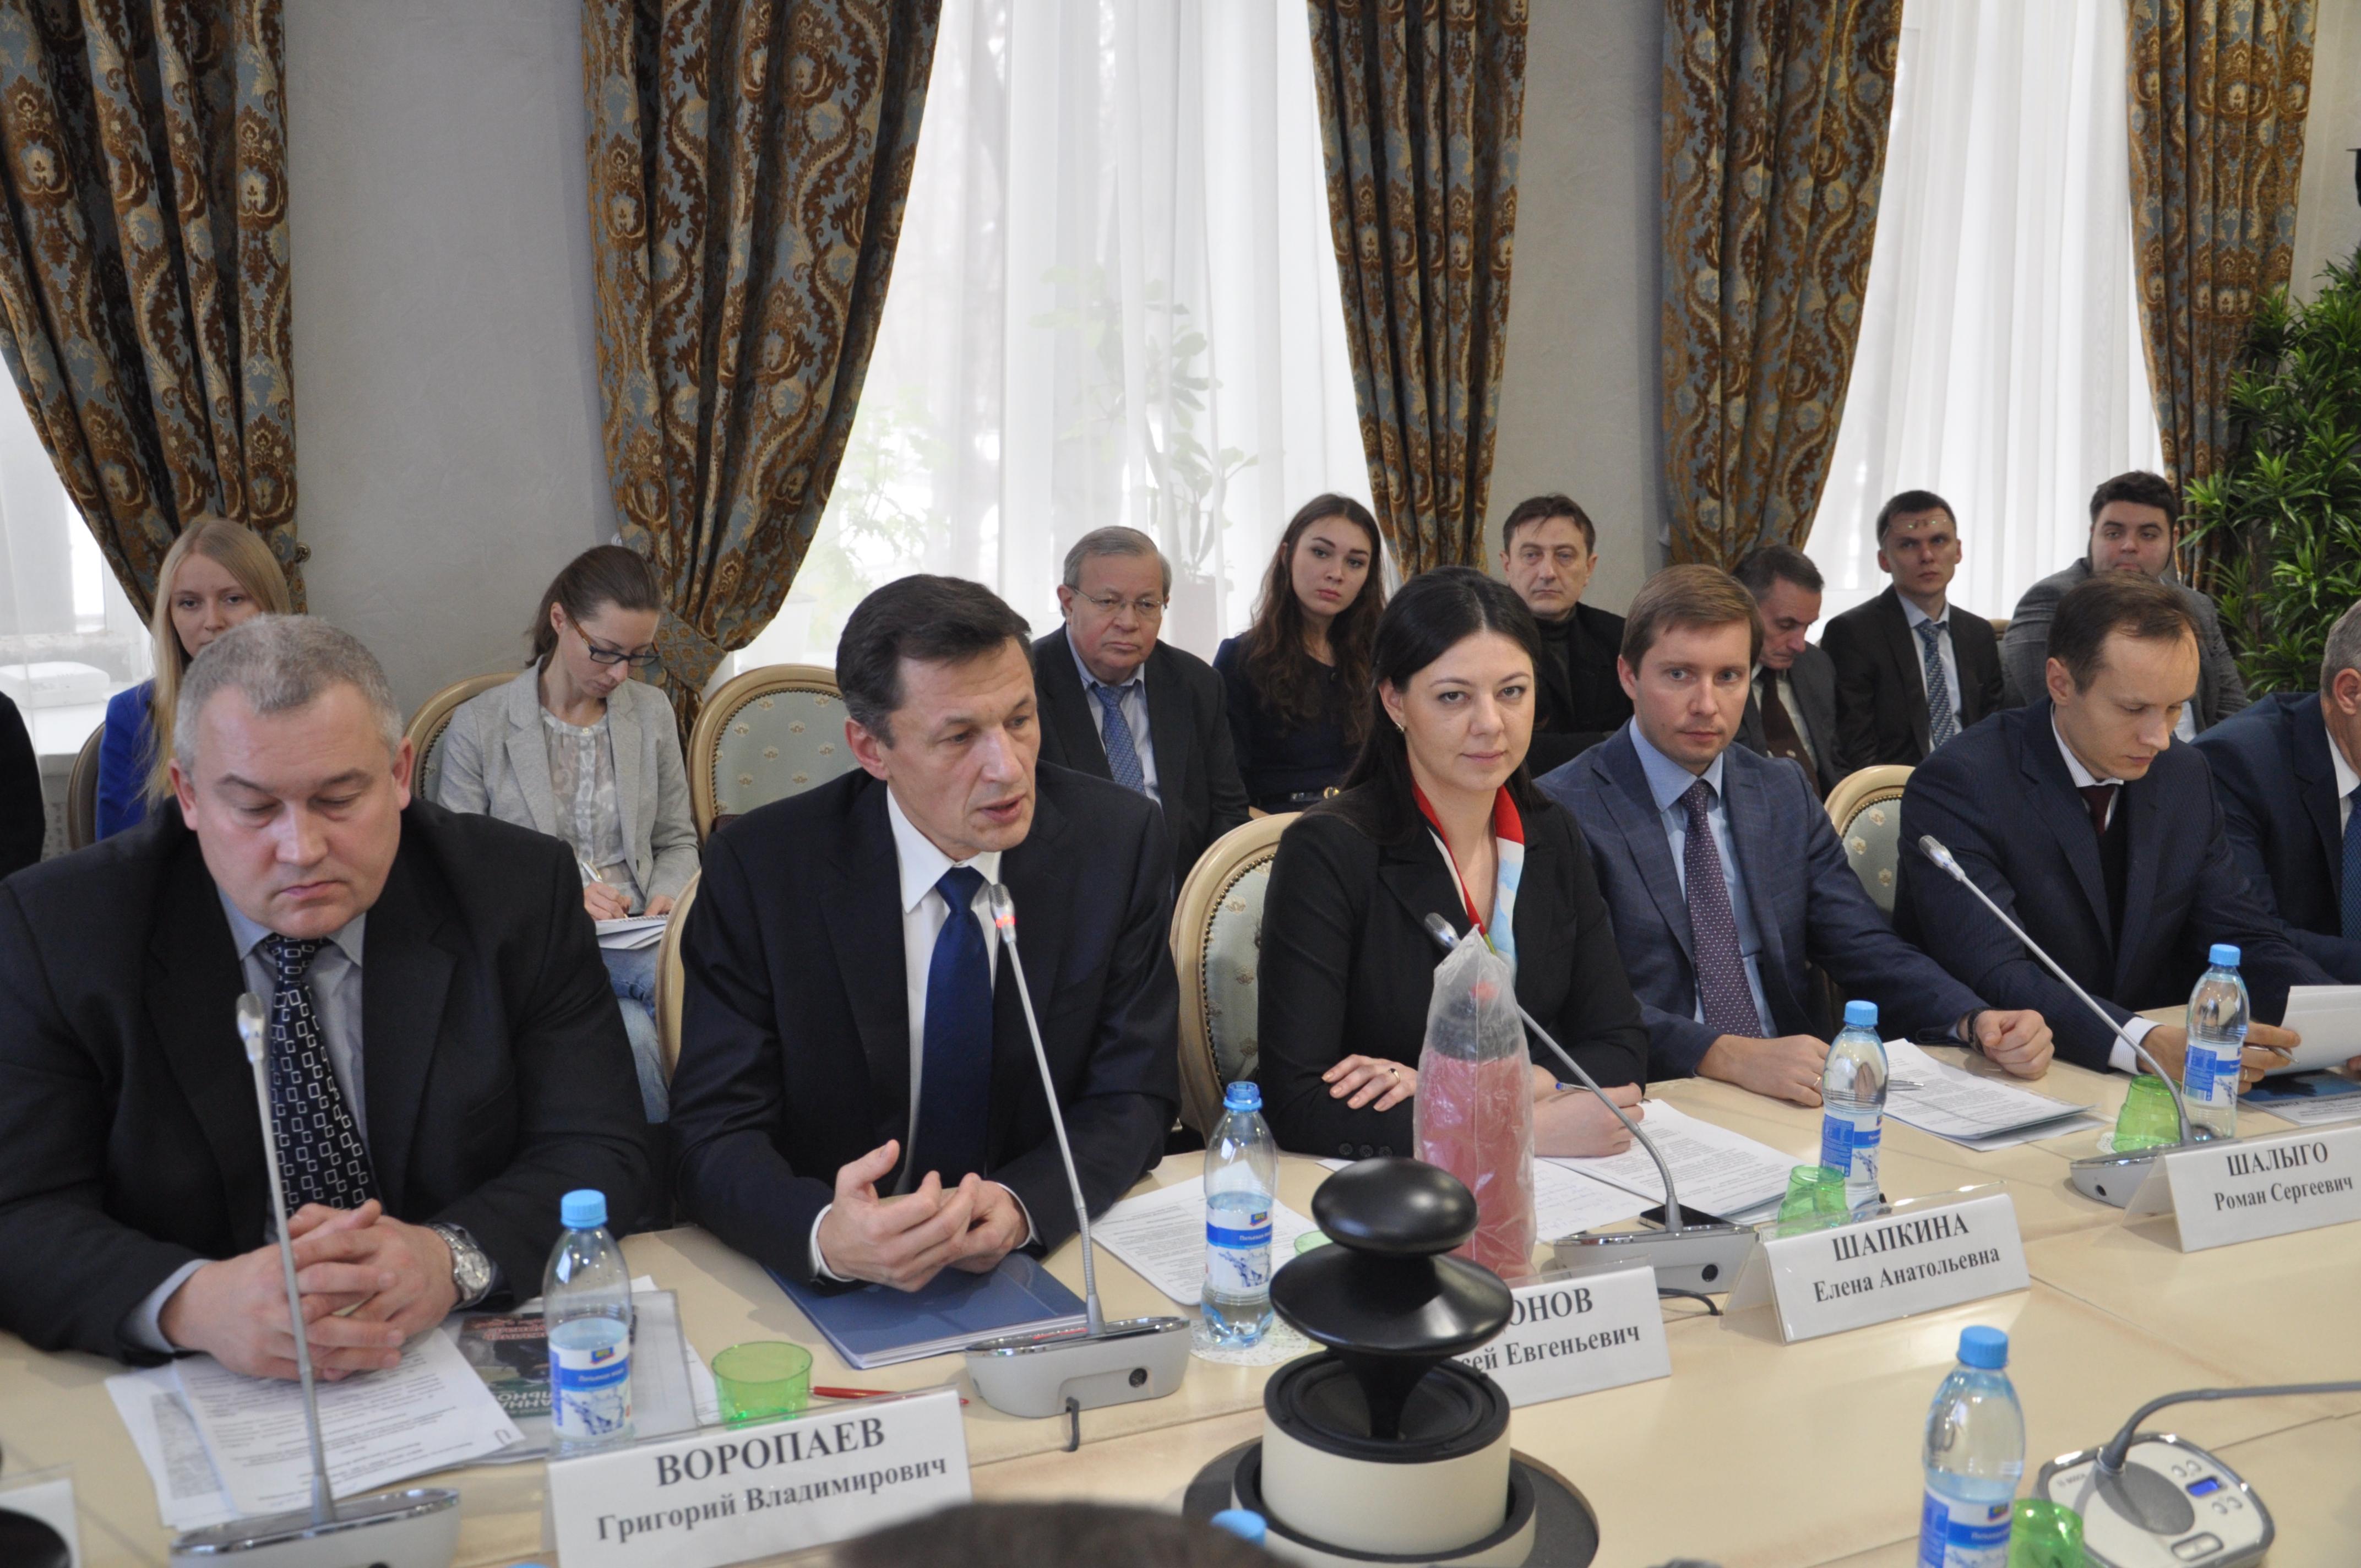 В Общественной палате Российской Федерации состоялся круглый стол: «Качество продукции и услуг в области пожарной безопасности».